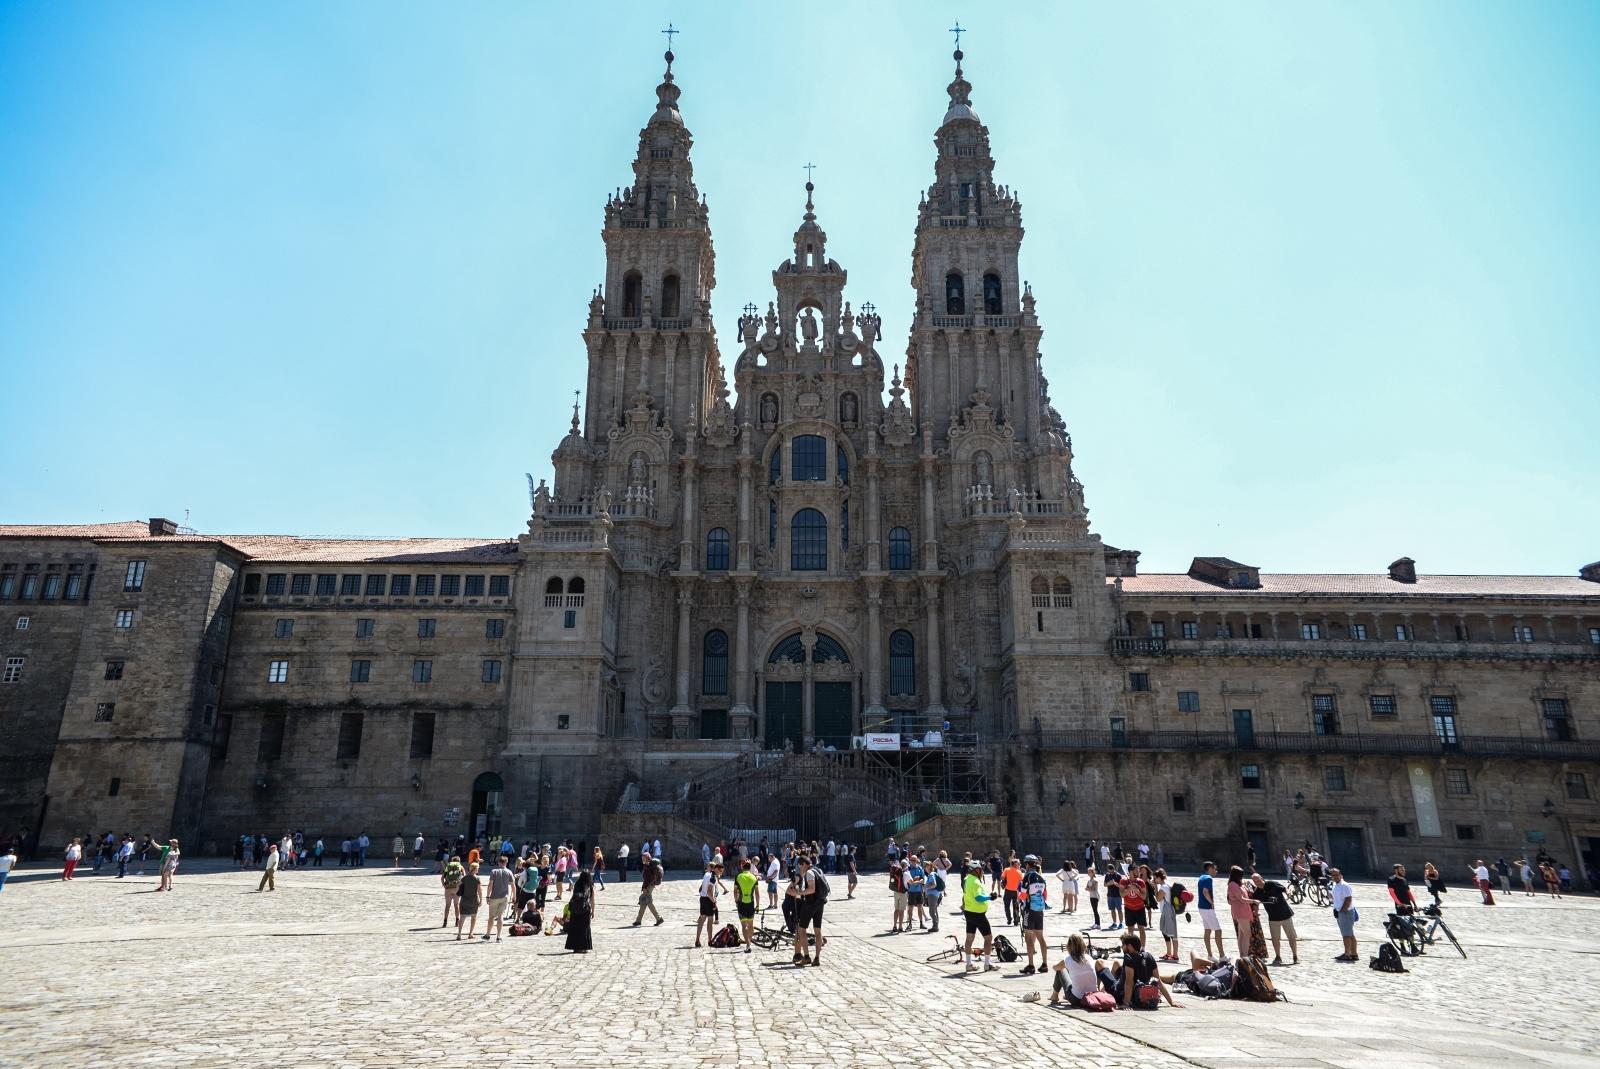 Annalisa Melas - Verso Santiago De Compostela - 1 - La Cattedrale di Santiago, colei che diventerà la vostra ossessione lungo i sentieri che percorrerete